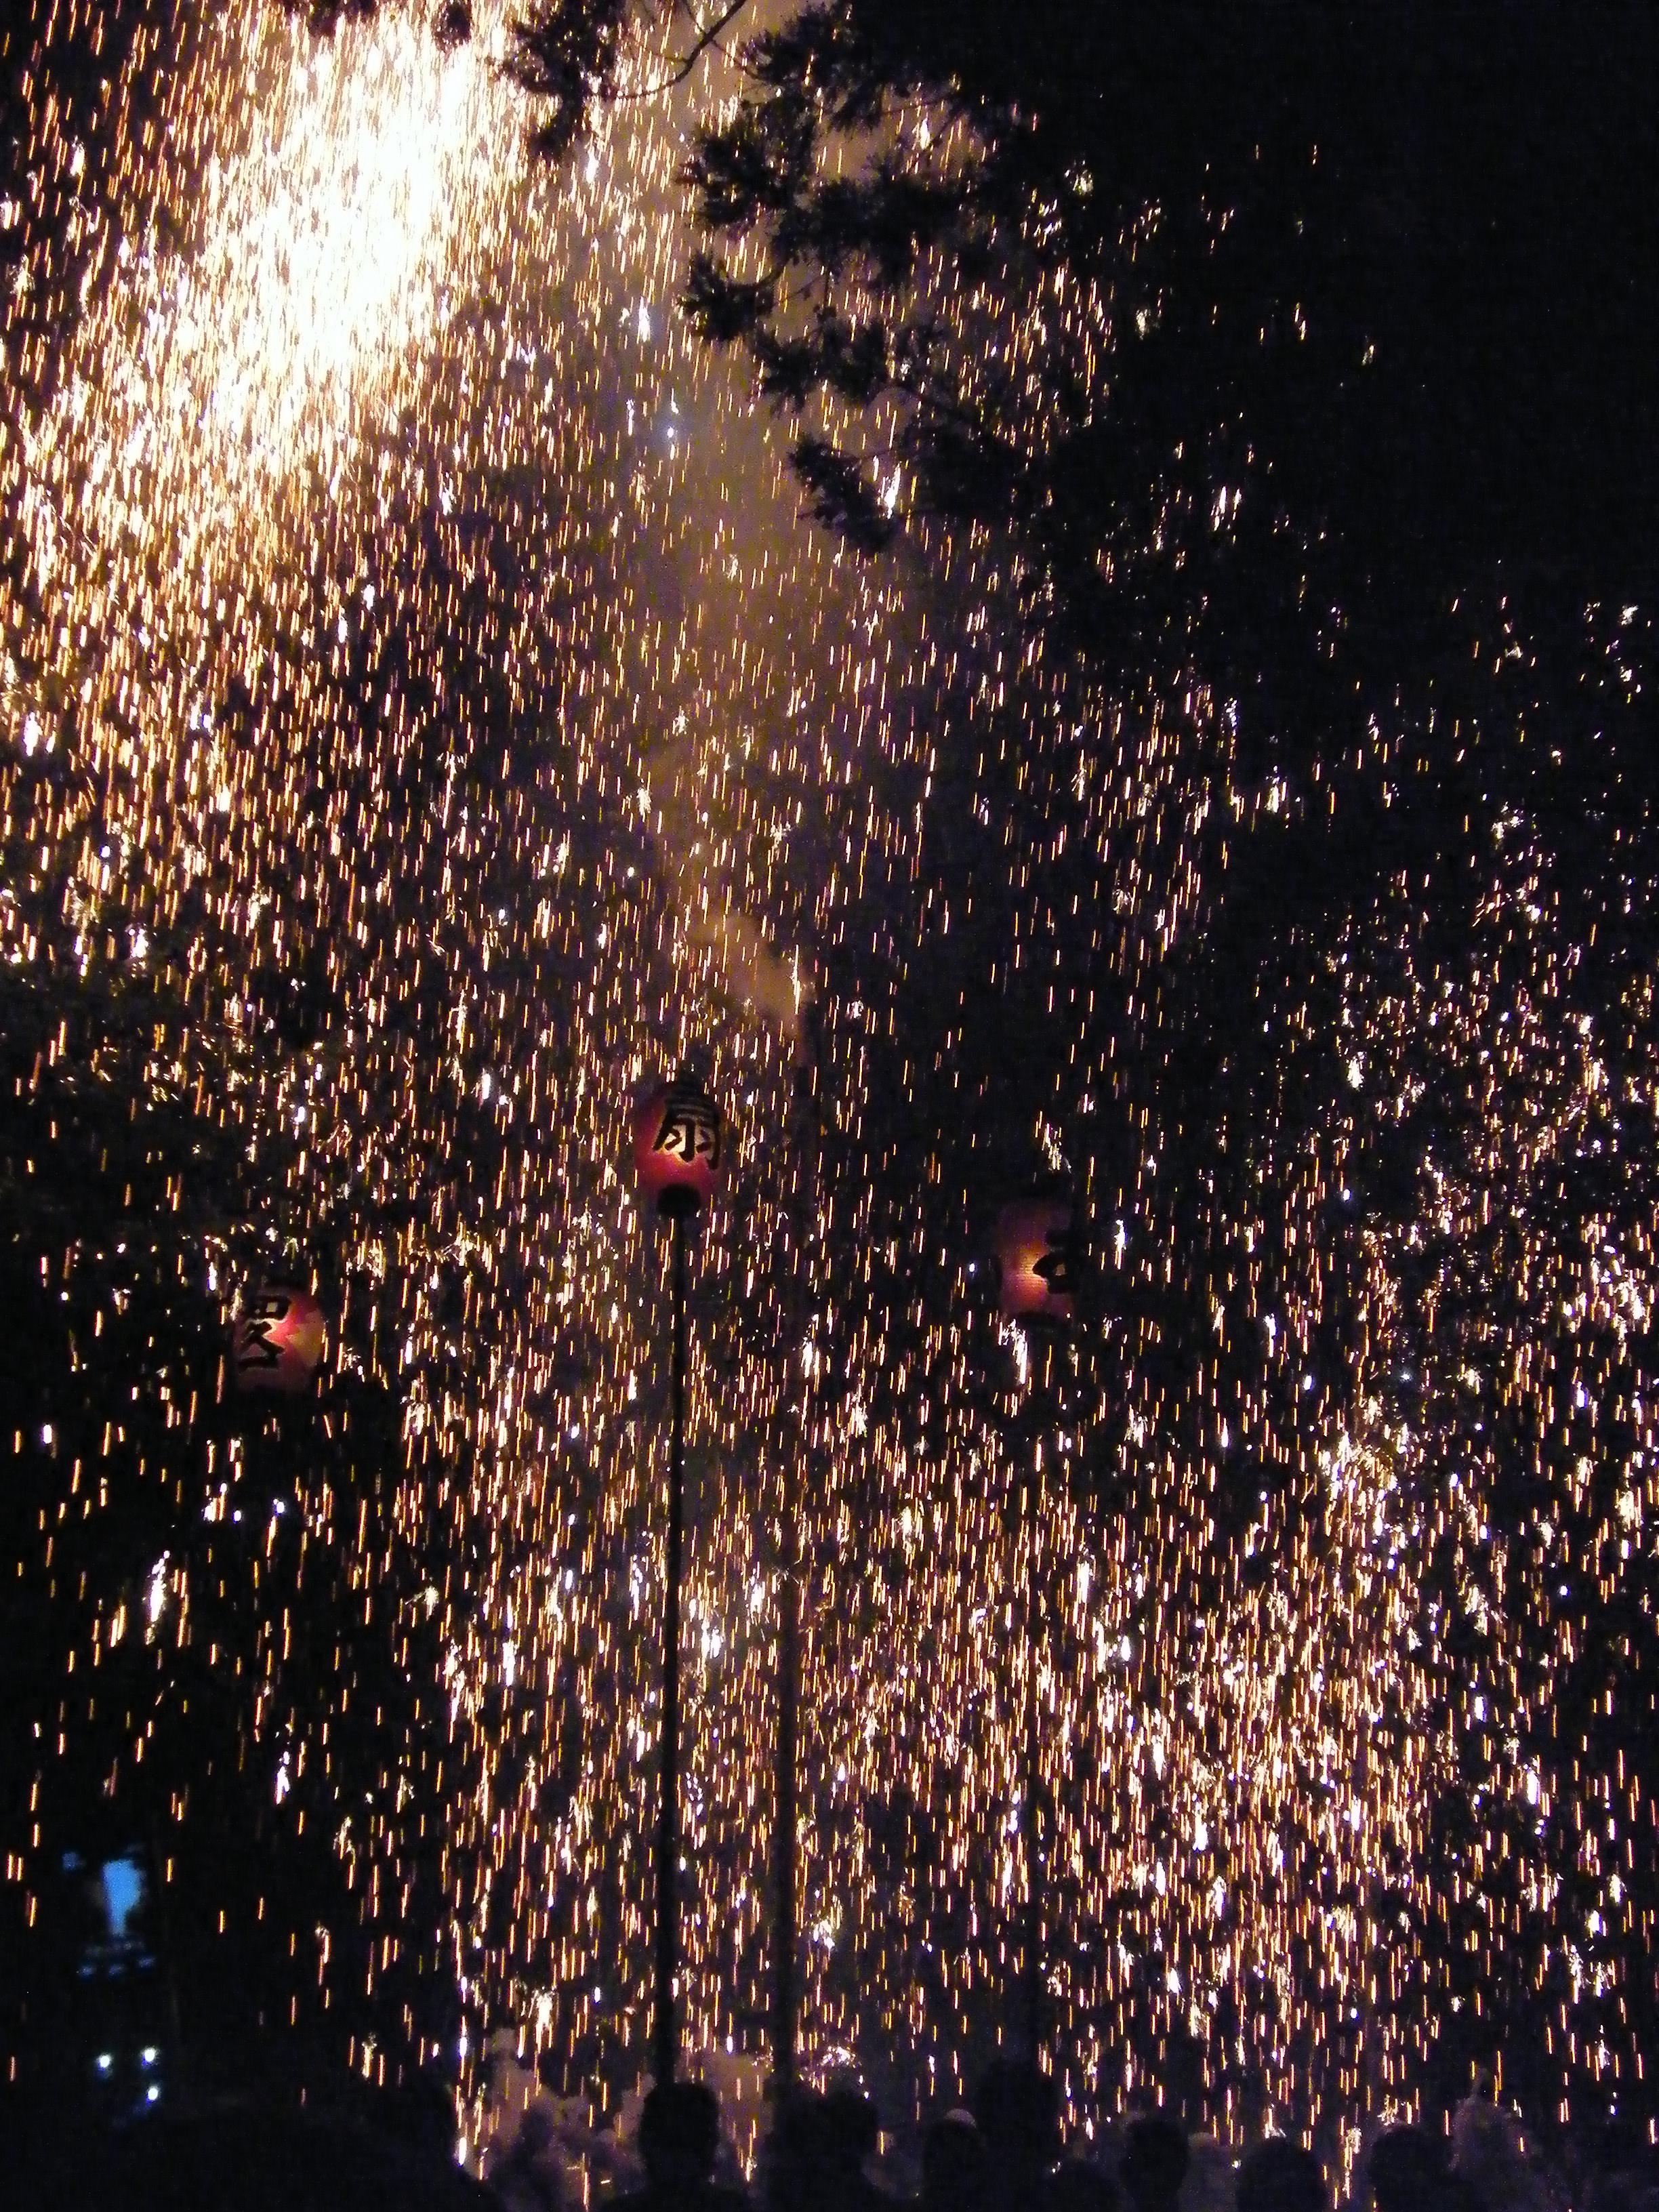 La fine del matsuri prevedeva che delle maschere girassero attorno a questo fuoco d'artificio centrale